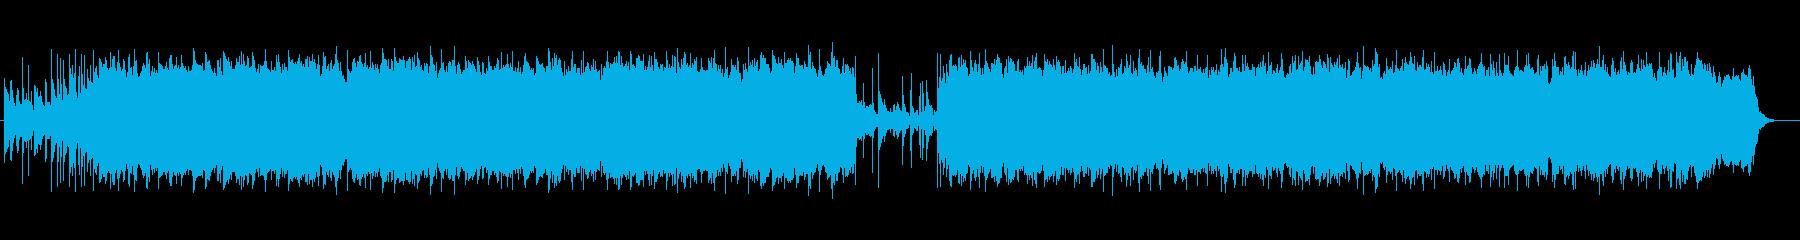 楽しく元気で可愛らしい王道ポップな曲の再生済みの波形